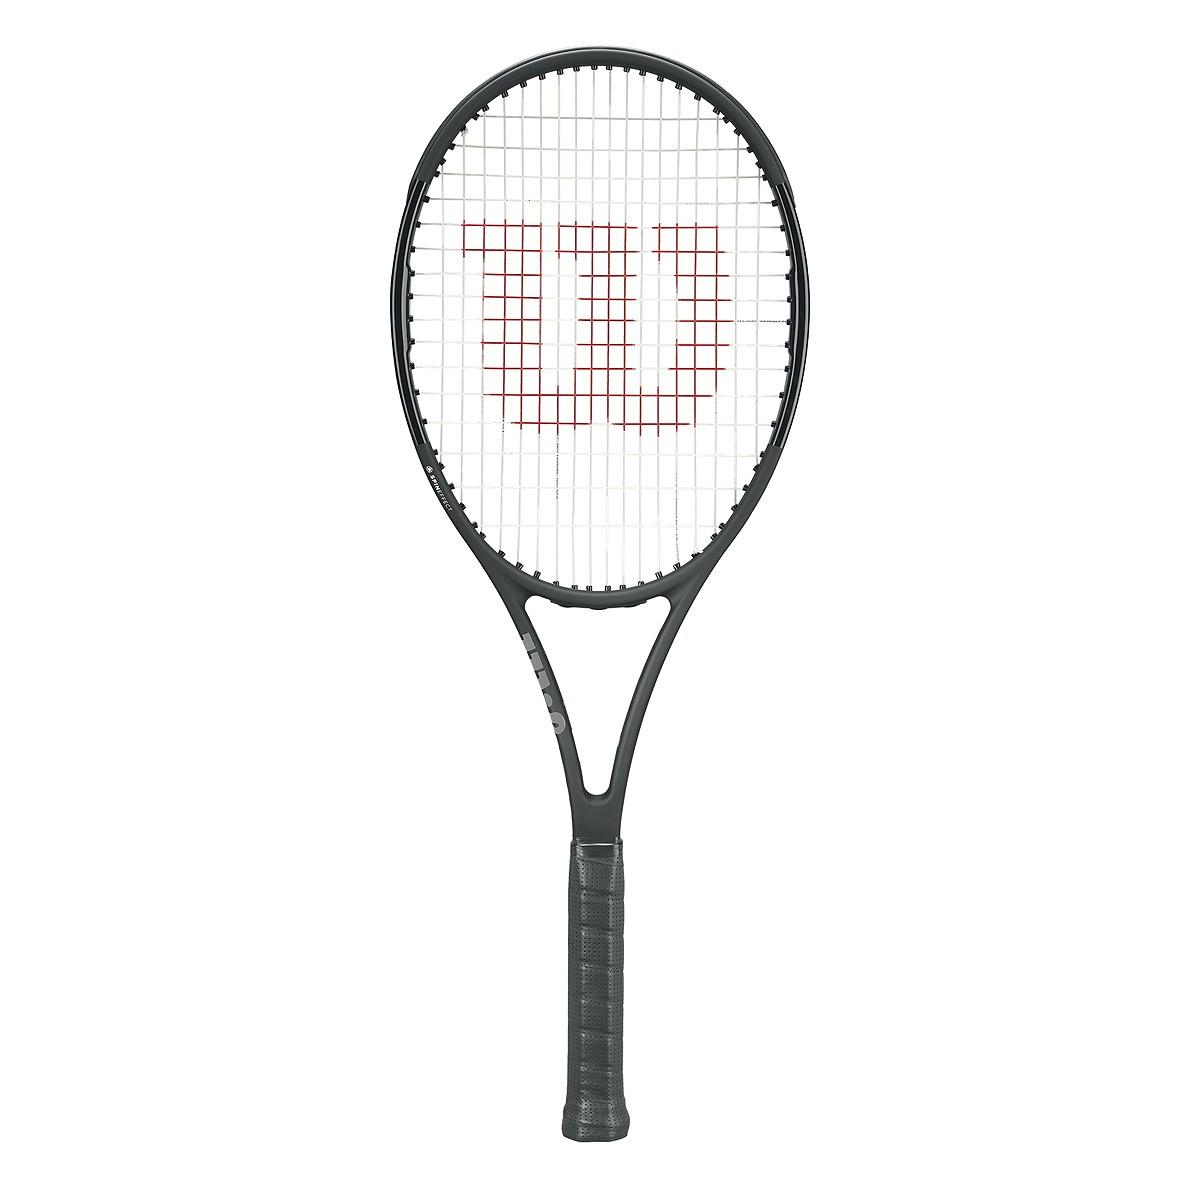 Rakieta tenisowa Wilson PRO STAFF 97LS + Luxilon!